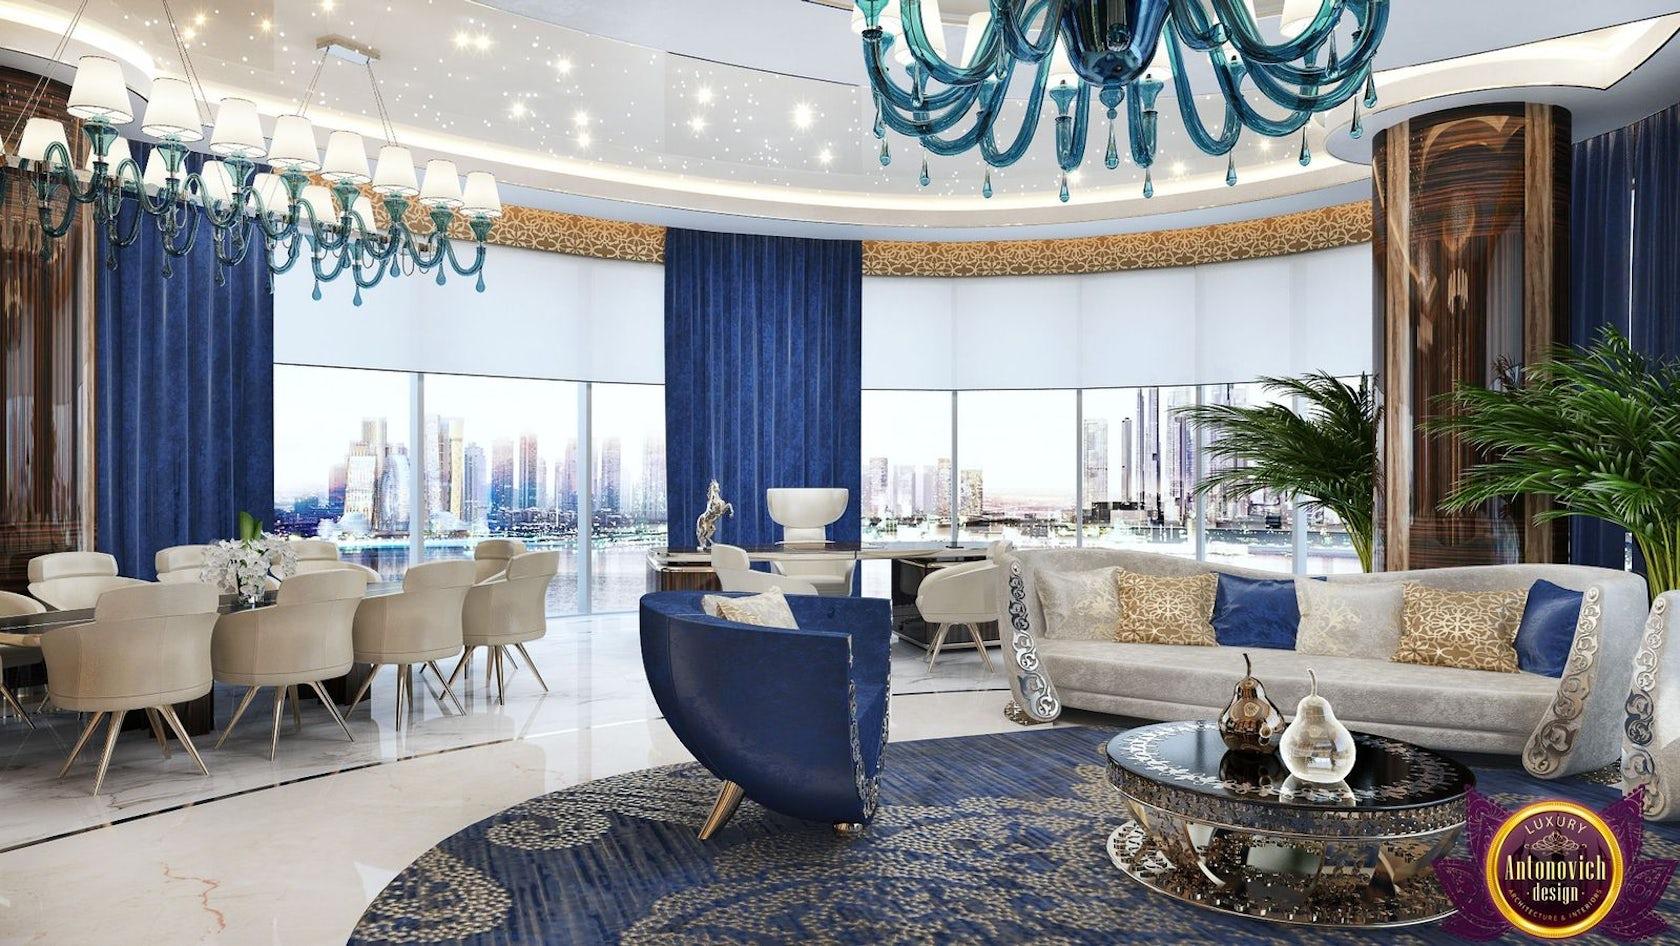 Kitchen Design Usa By Katrina Antonovich: Elite Office Interior Design Of Katrina Antonovich